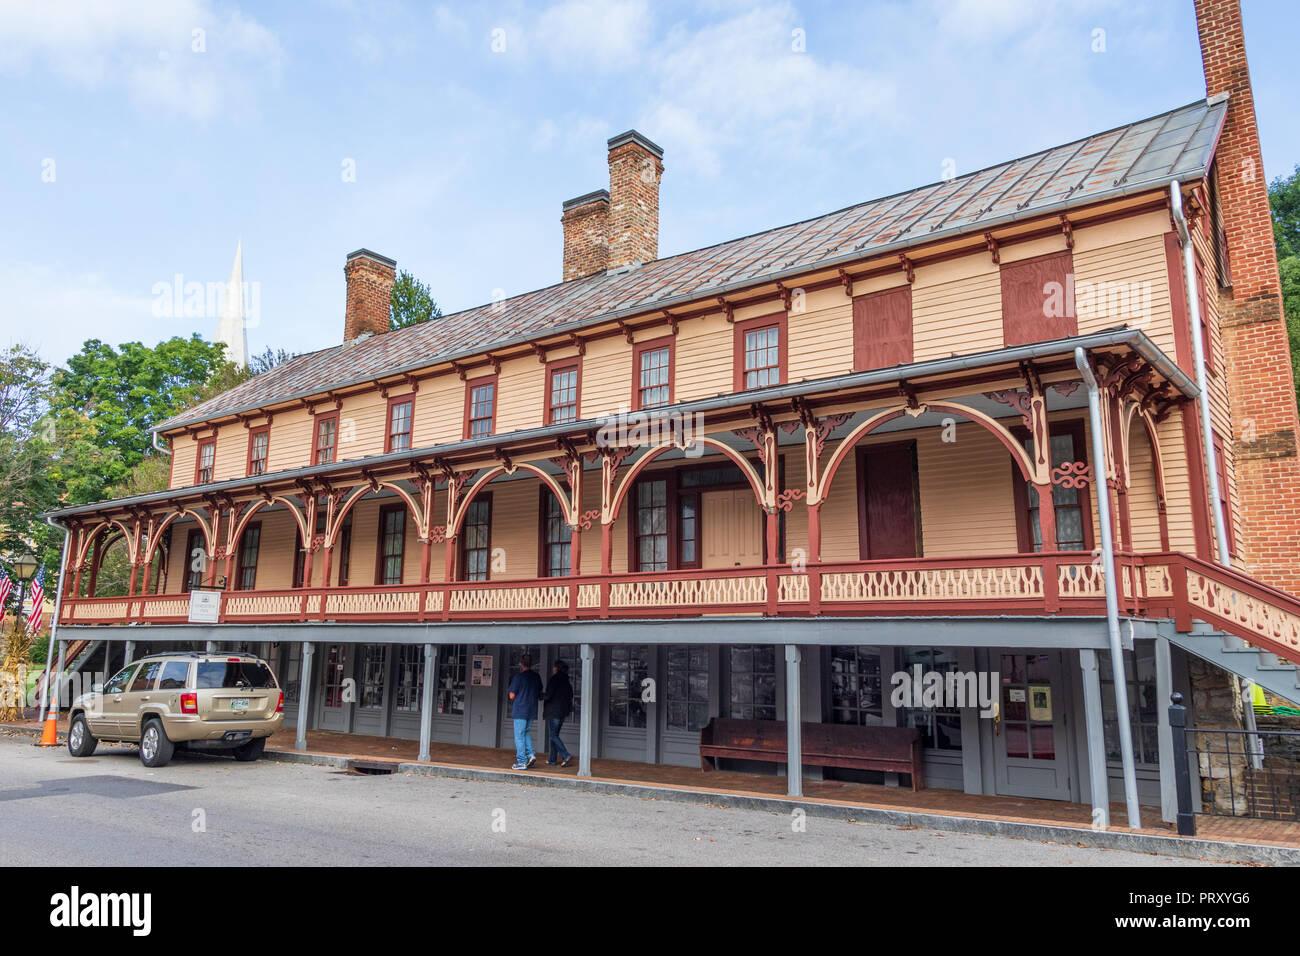 JONESBOROUGH, TN, USA-9/29/18: The historic Chester Inn, on Main Street. Stock Photo